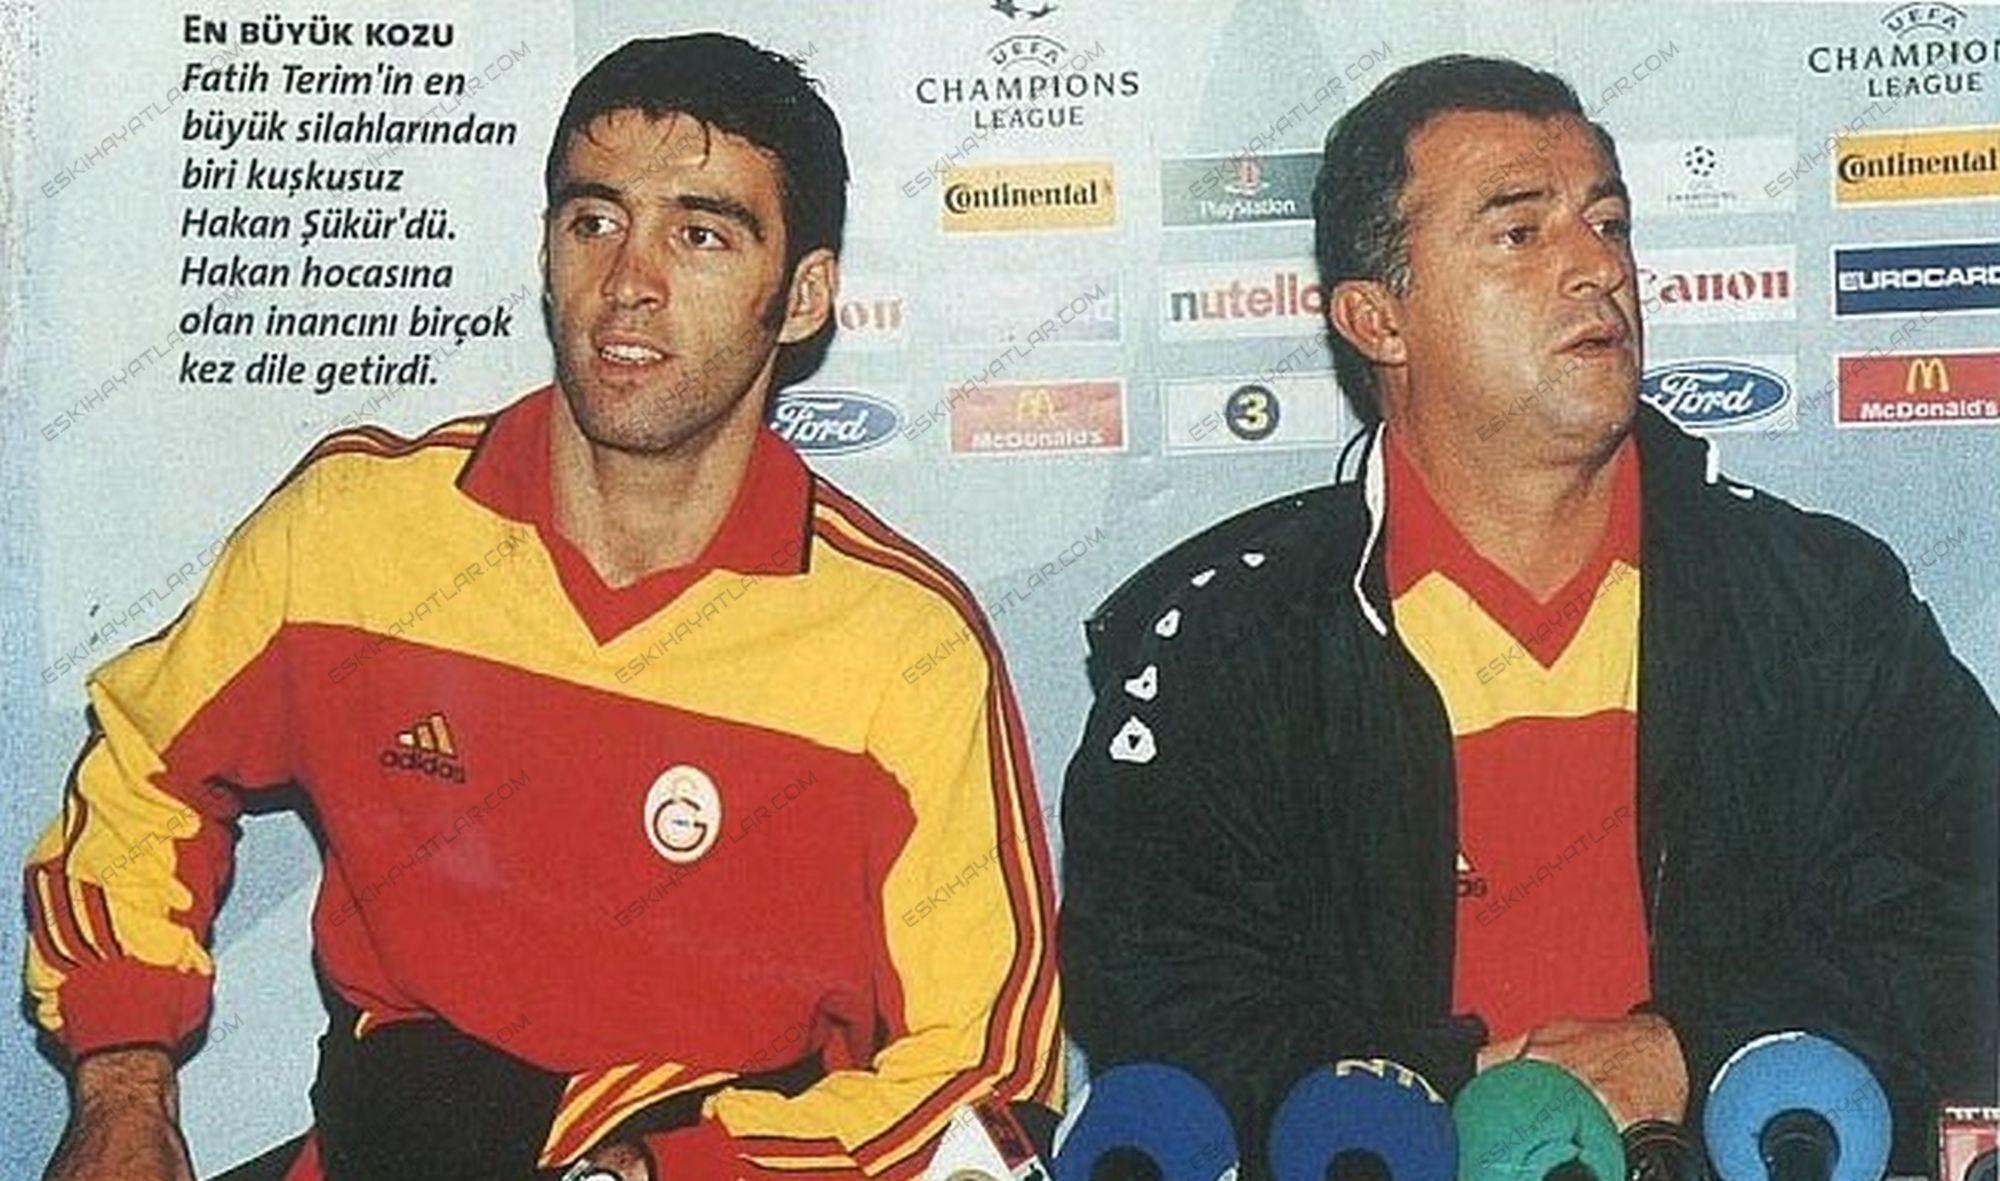 fatih-terim-fotograflari-fatih-terim-futbol-kariyeri-2000-yili-tempo-dergisi-arsivleri (21)